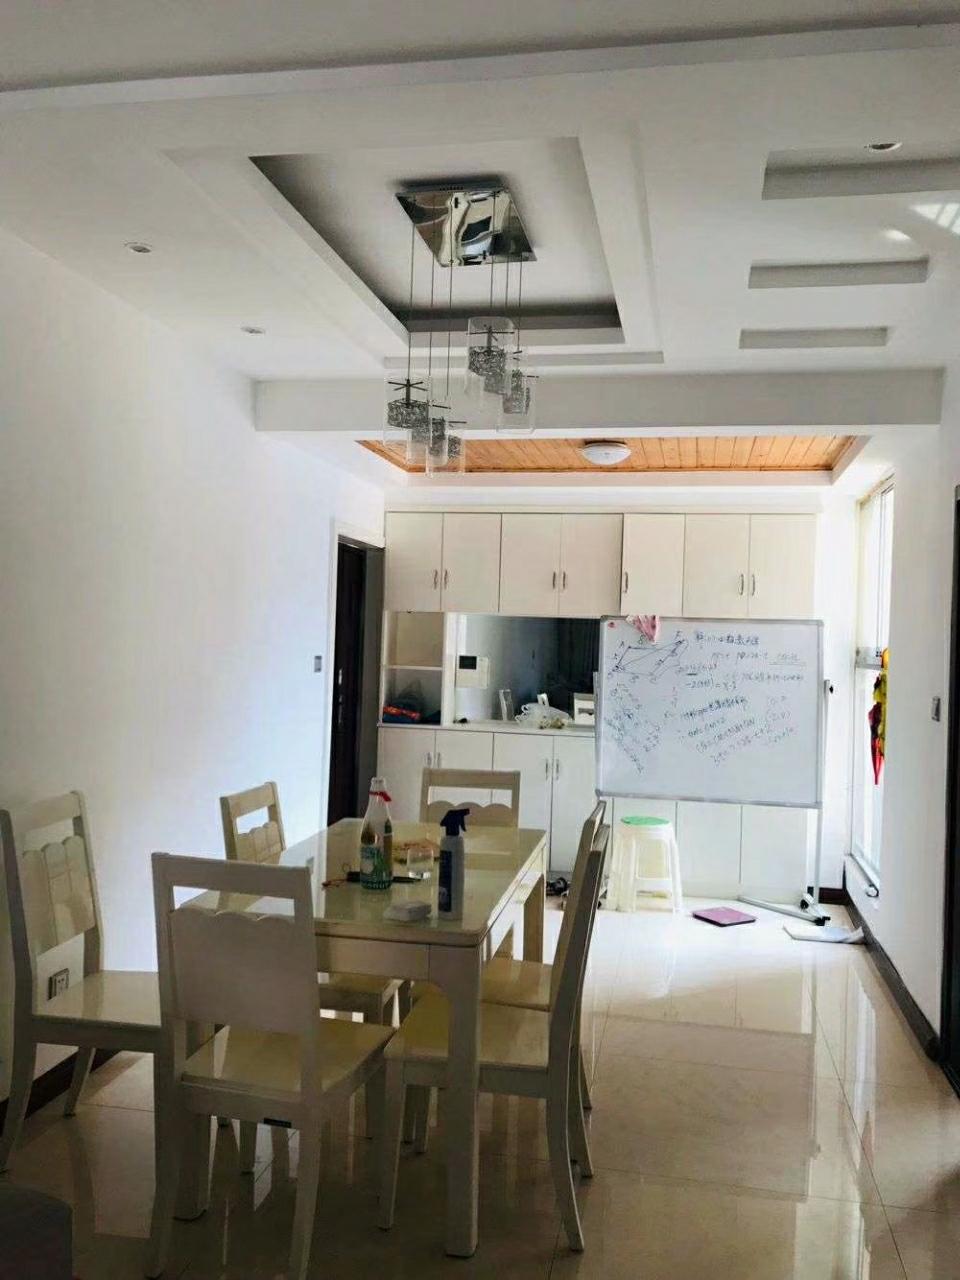 晋鹏·山台山3室 2厅 2卫66.8万元